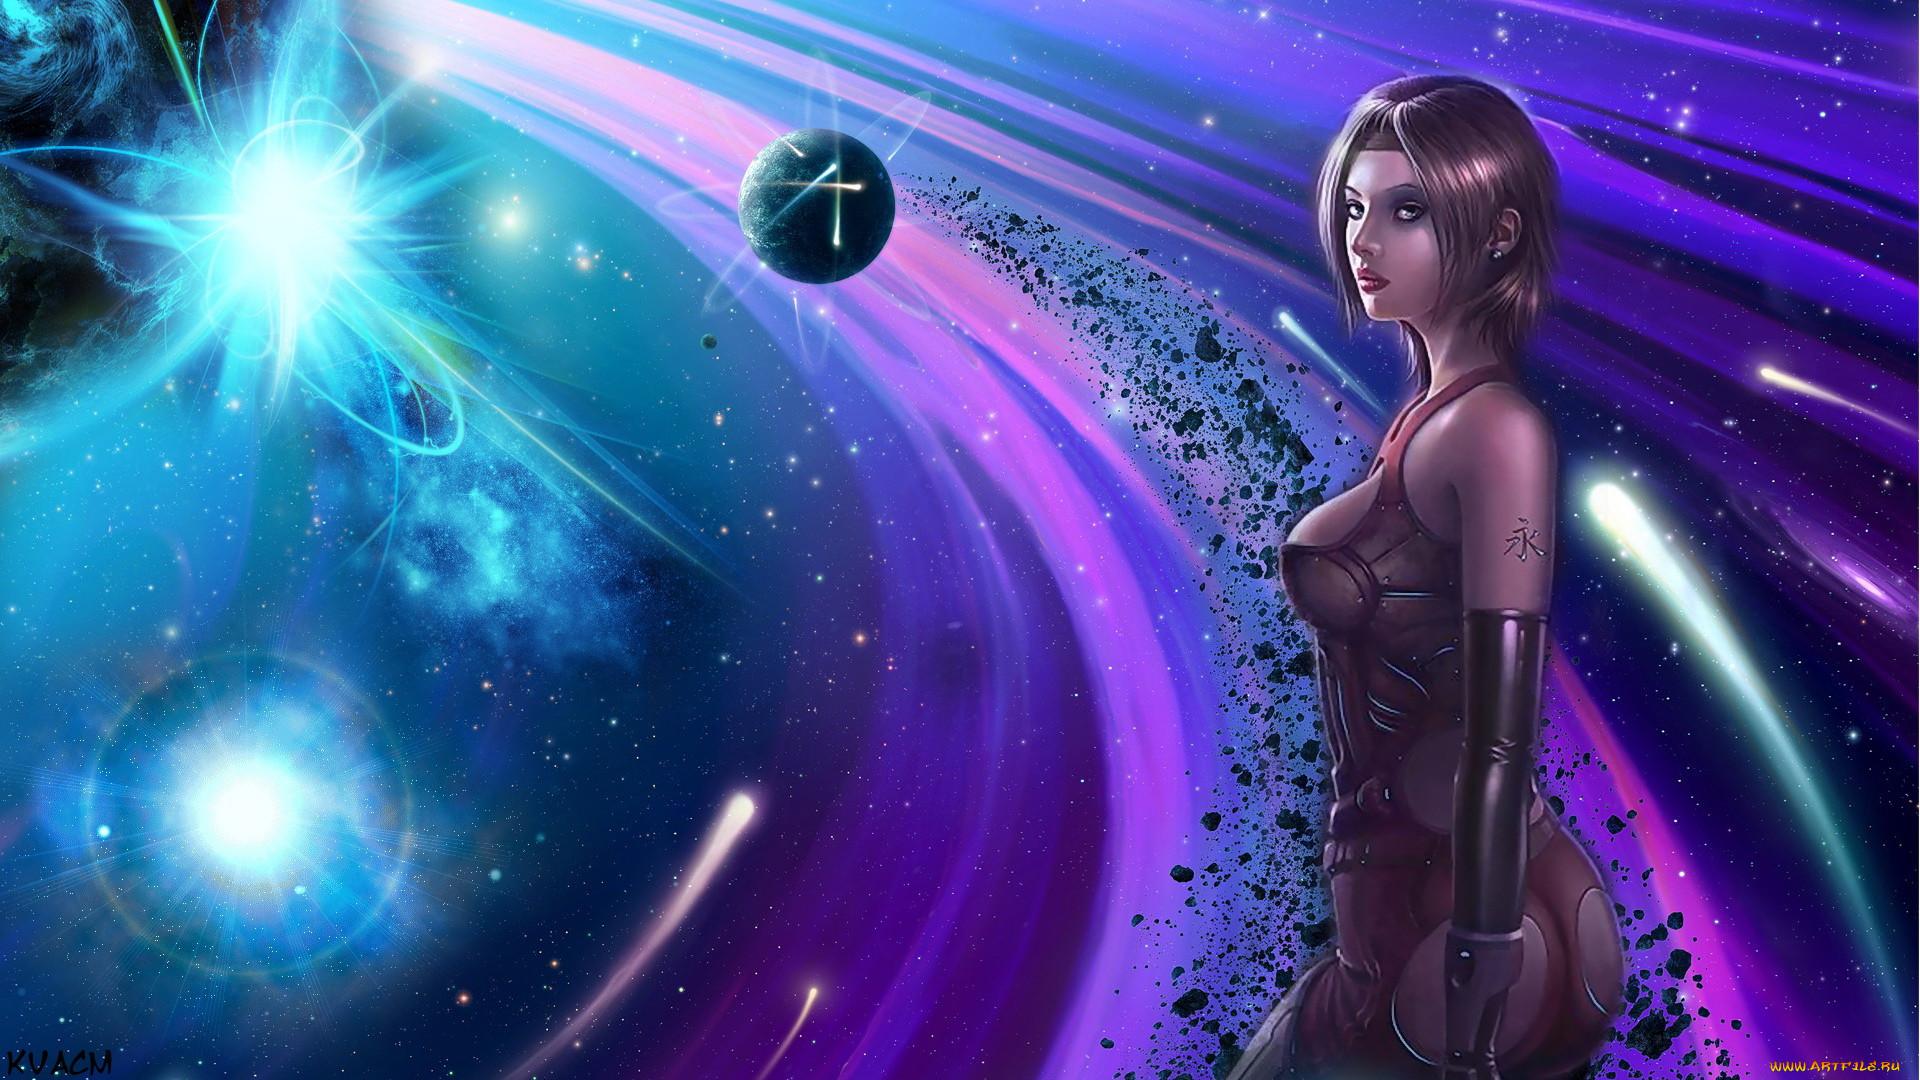 Картинки на рабочий стол девушки и космос